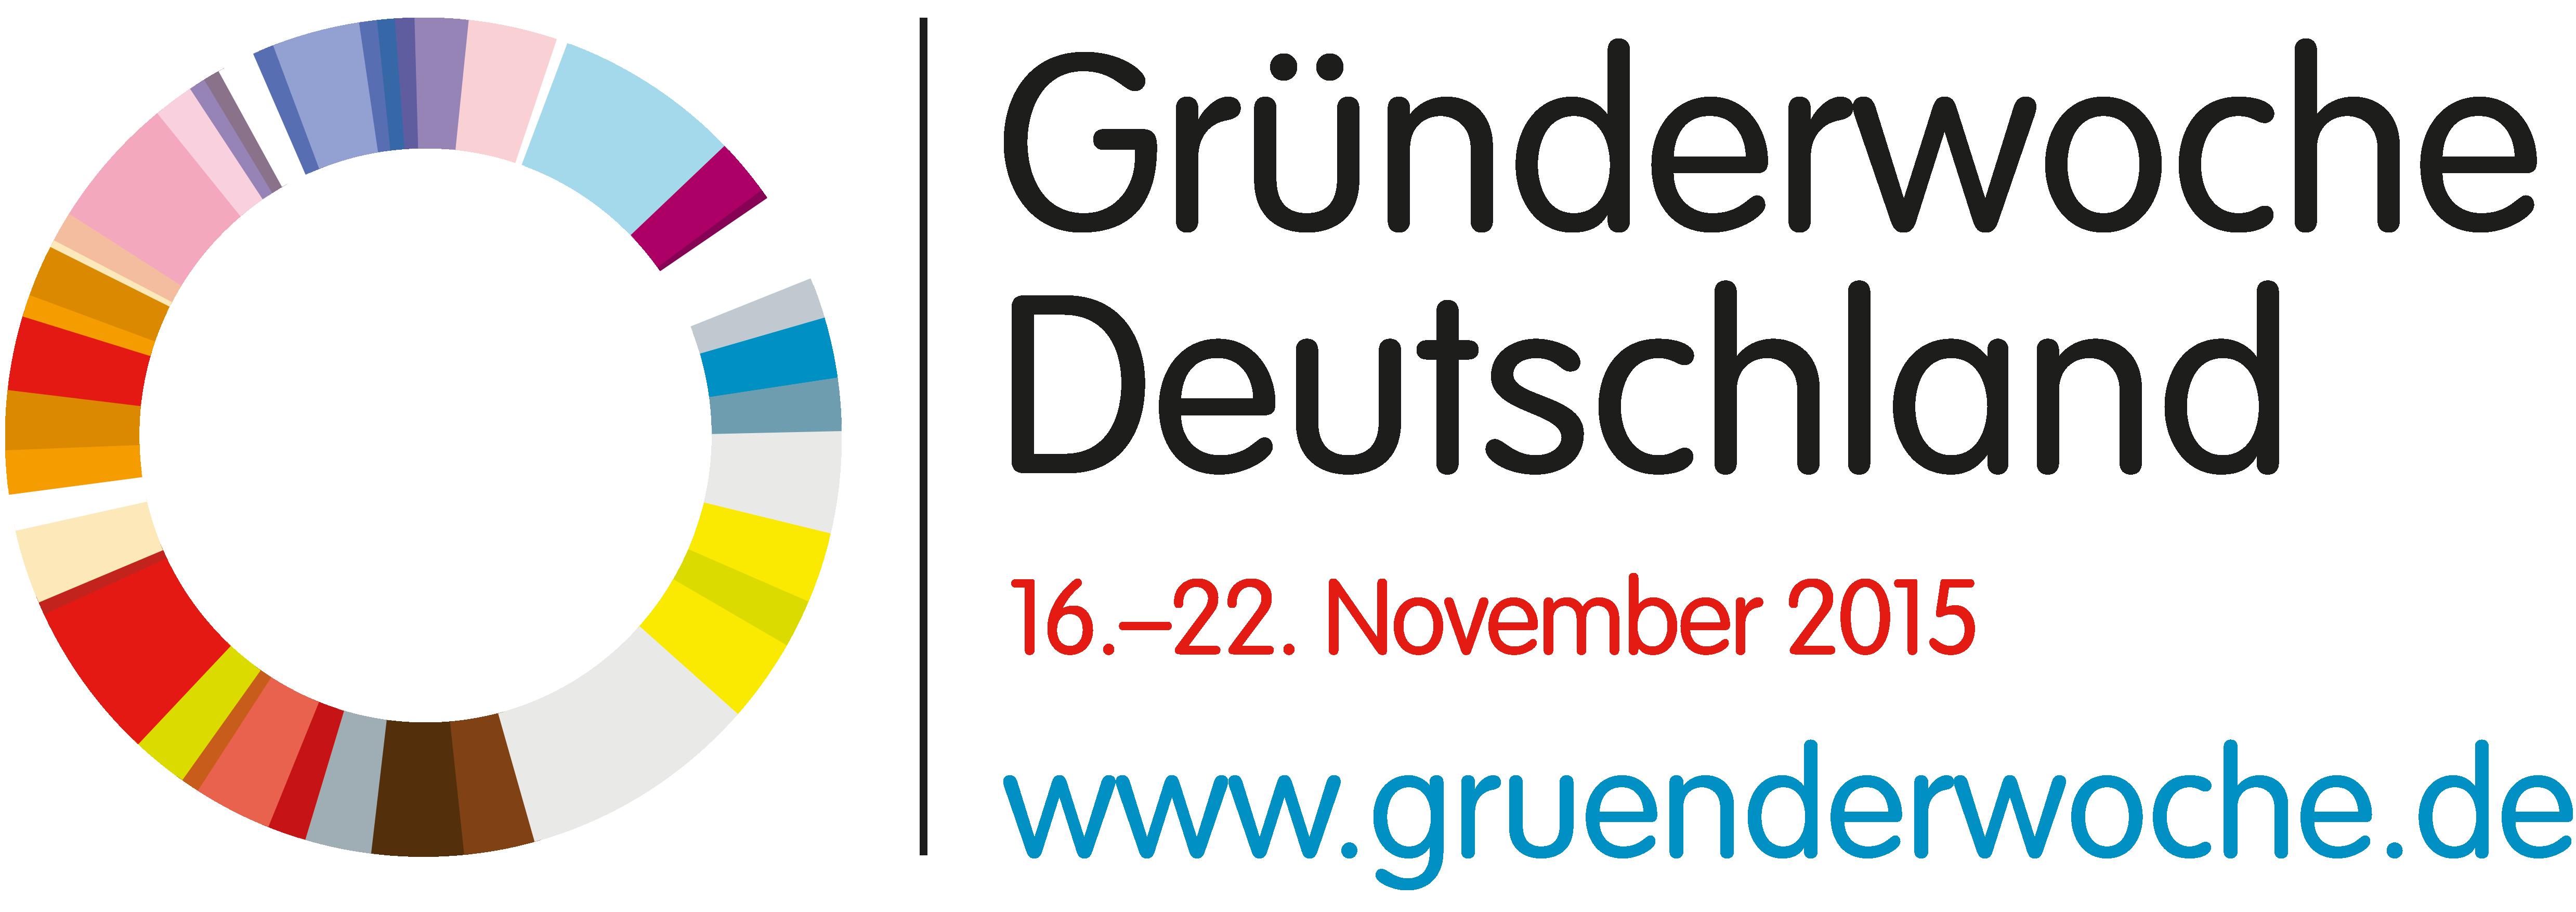 Gründerwoche 2015 findet auch im PIZ Chemnitz statt.